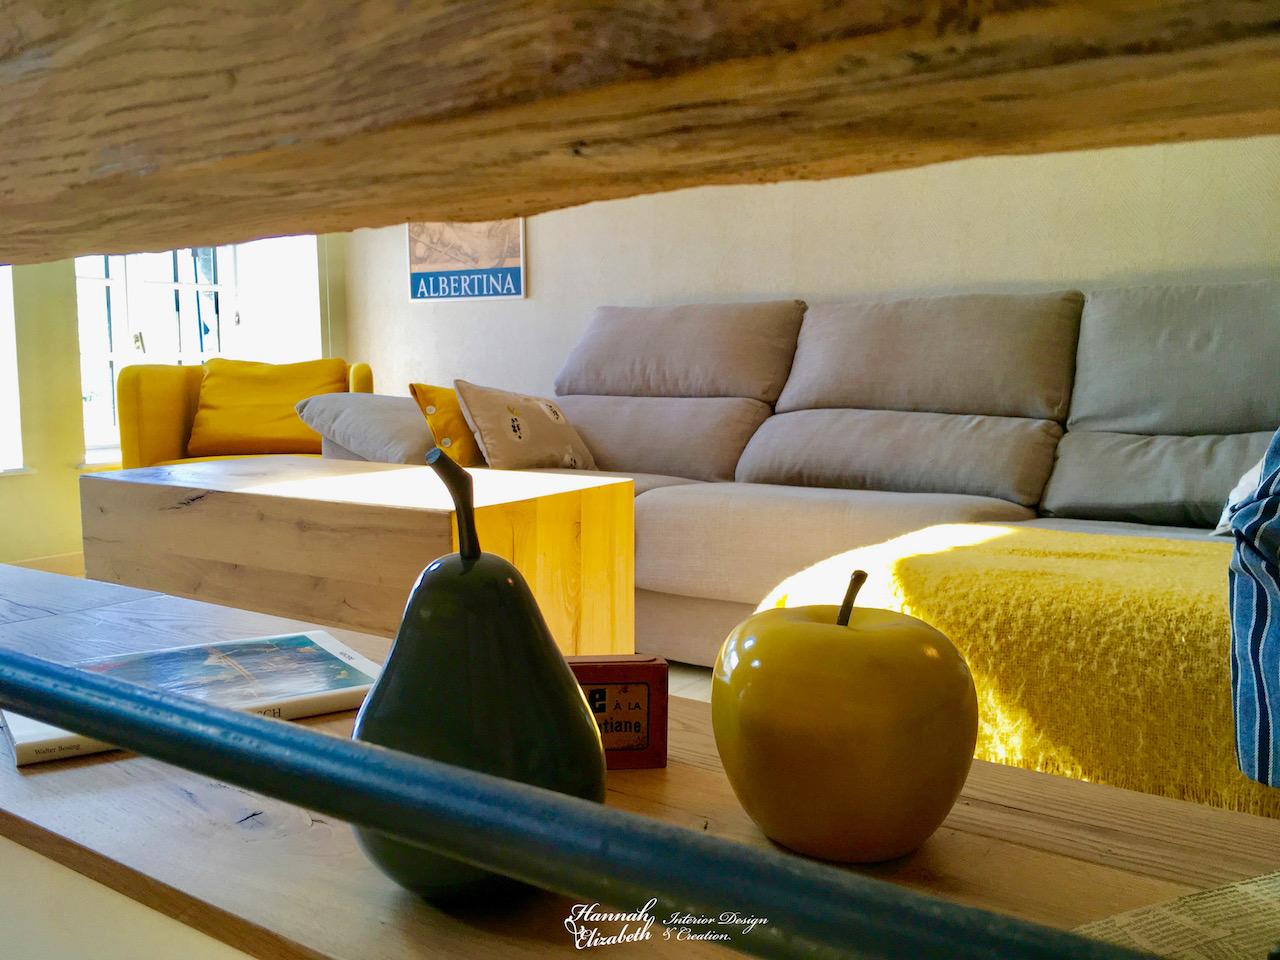 Canape gris plaid jaune salon bois hannah elizabeth interior design